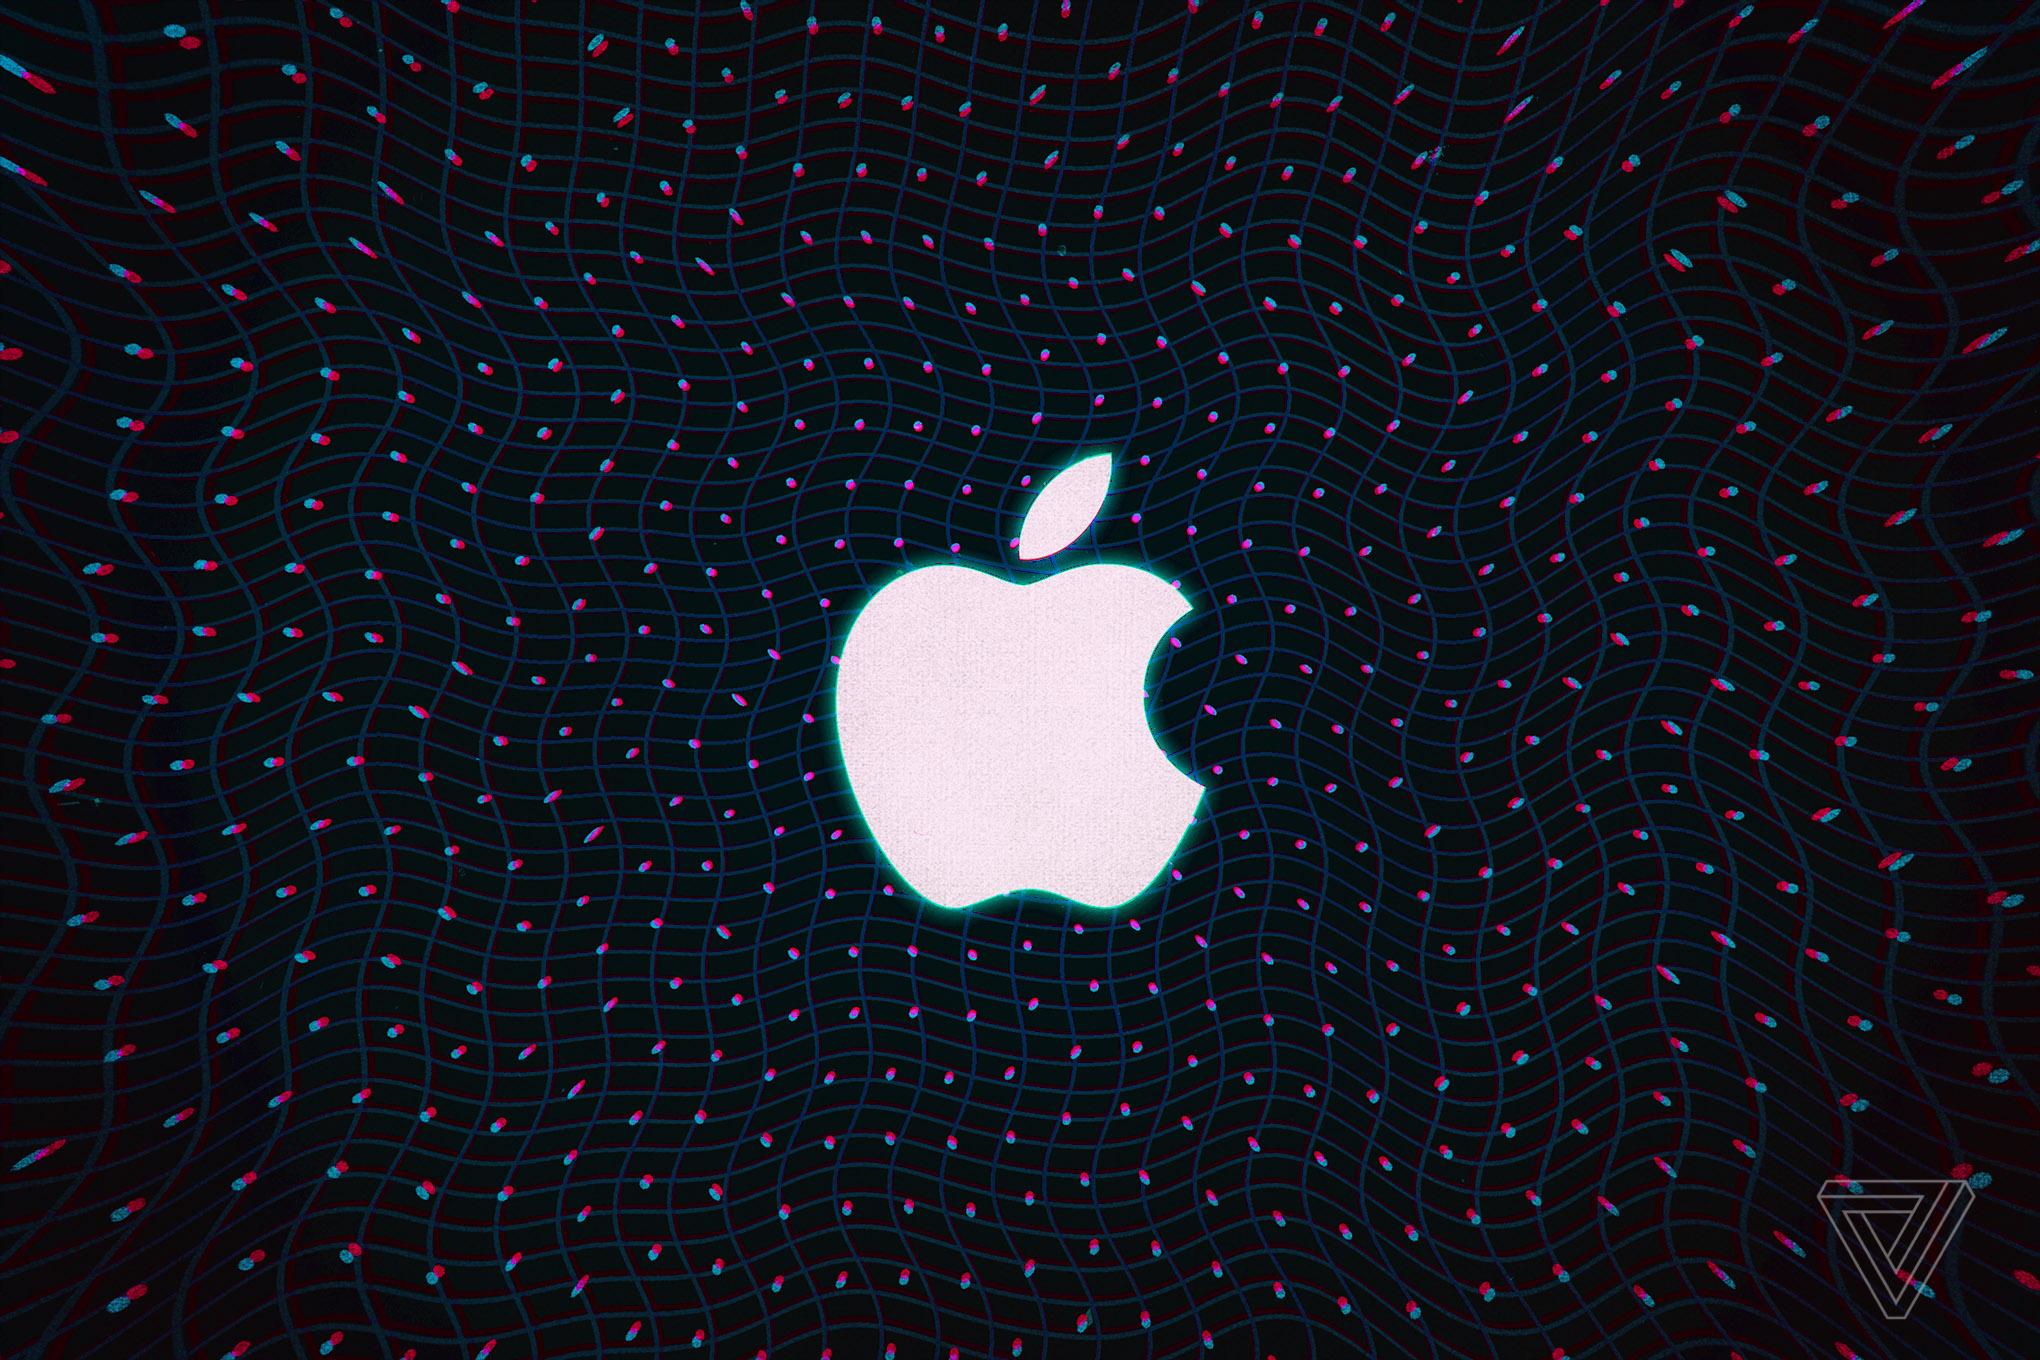 Apple vá lỗi để lộ nội dung của các email đã được mã hoá trên hệ điều hành macOS Catalina